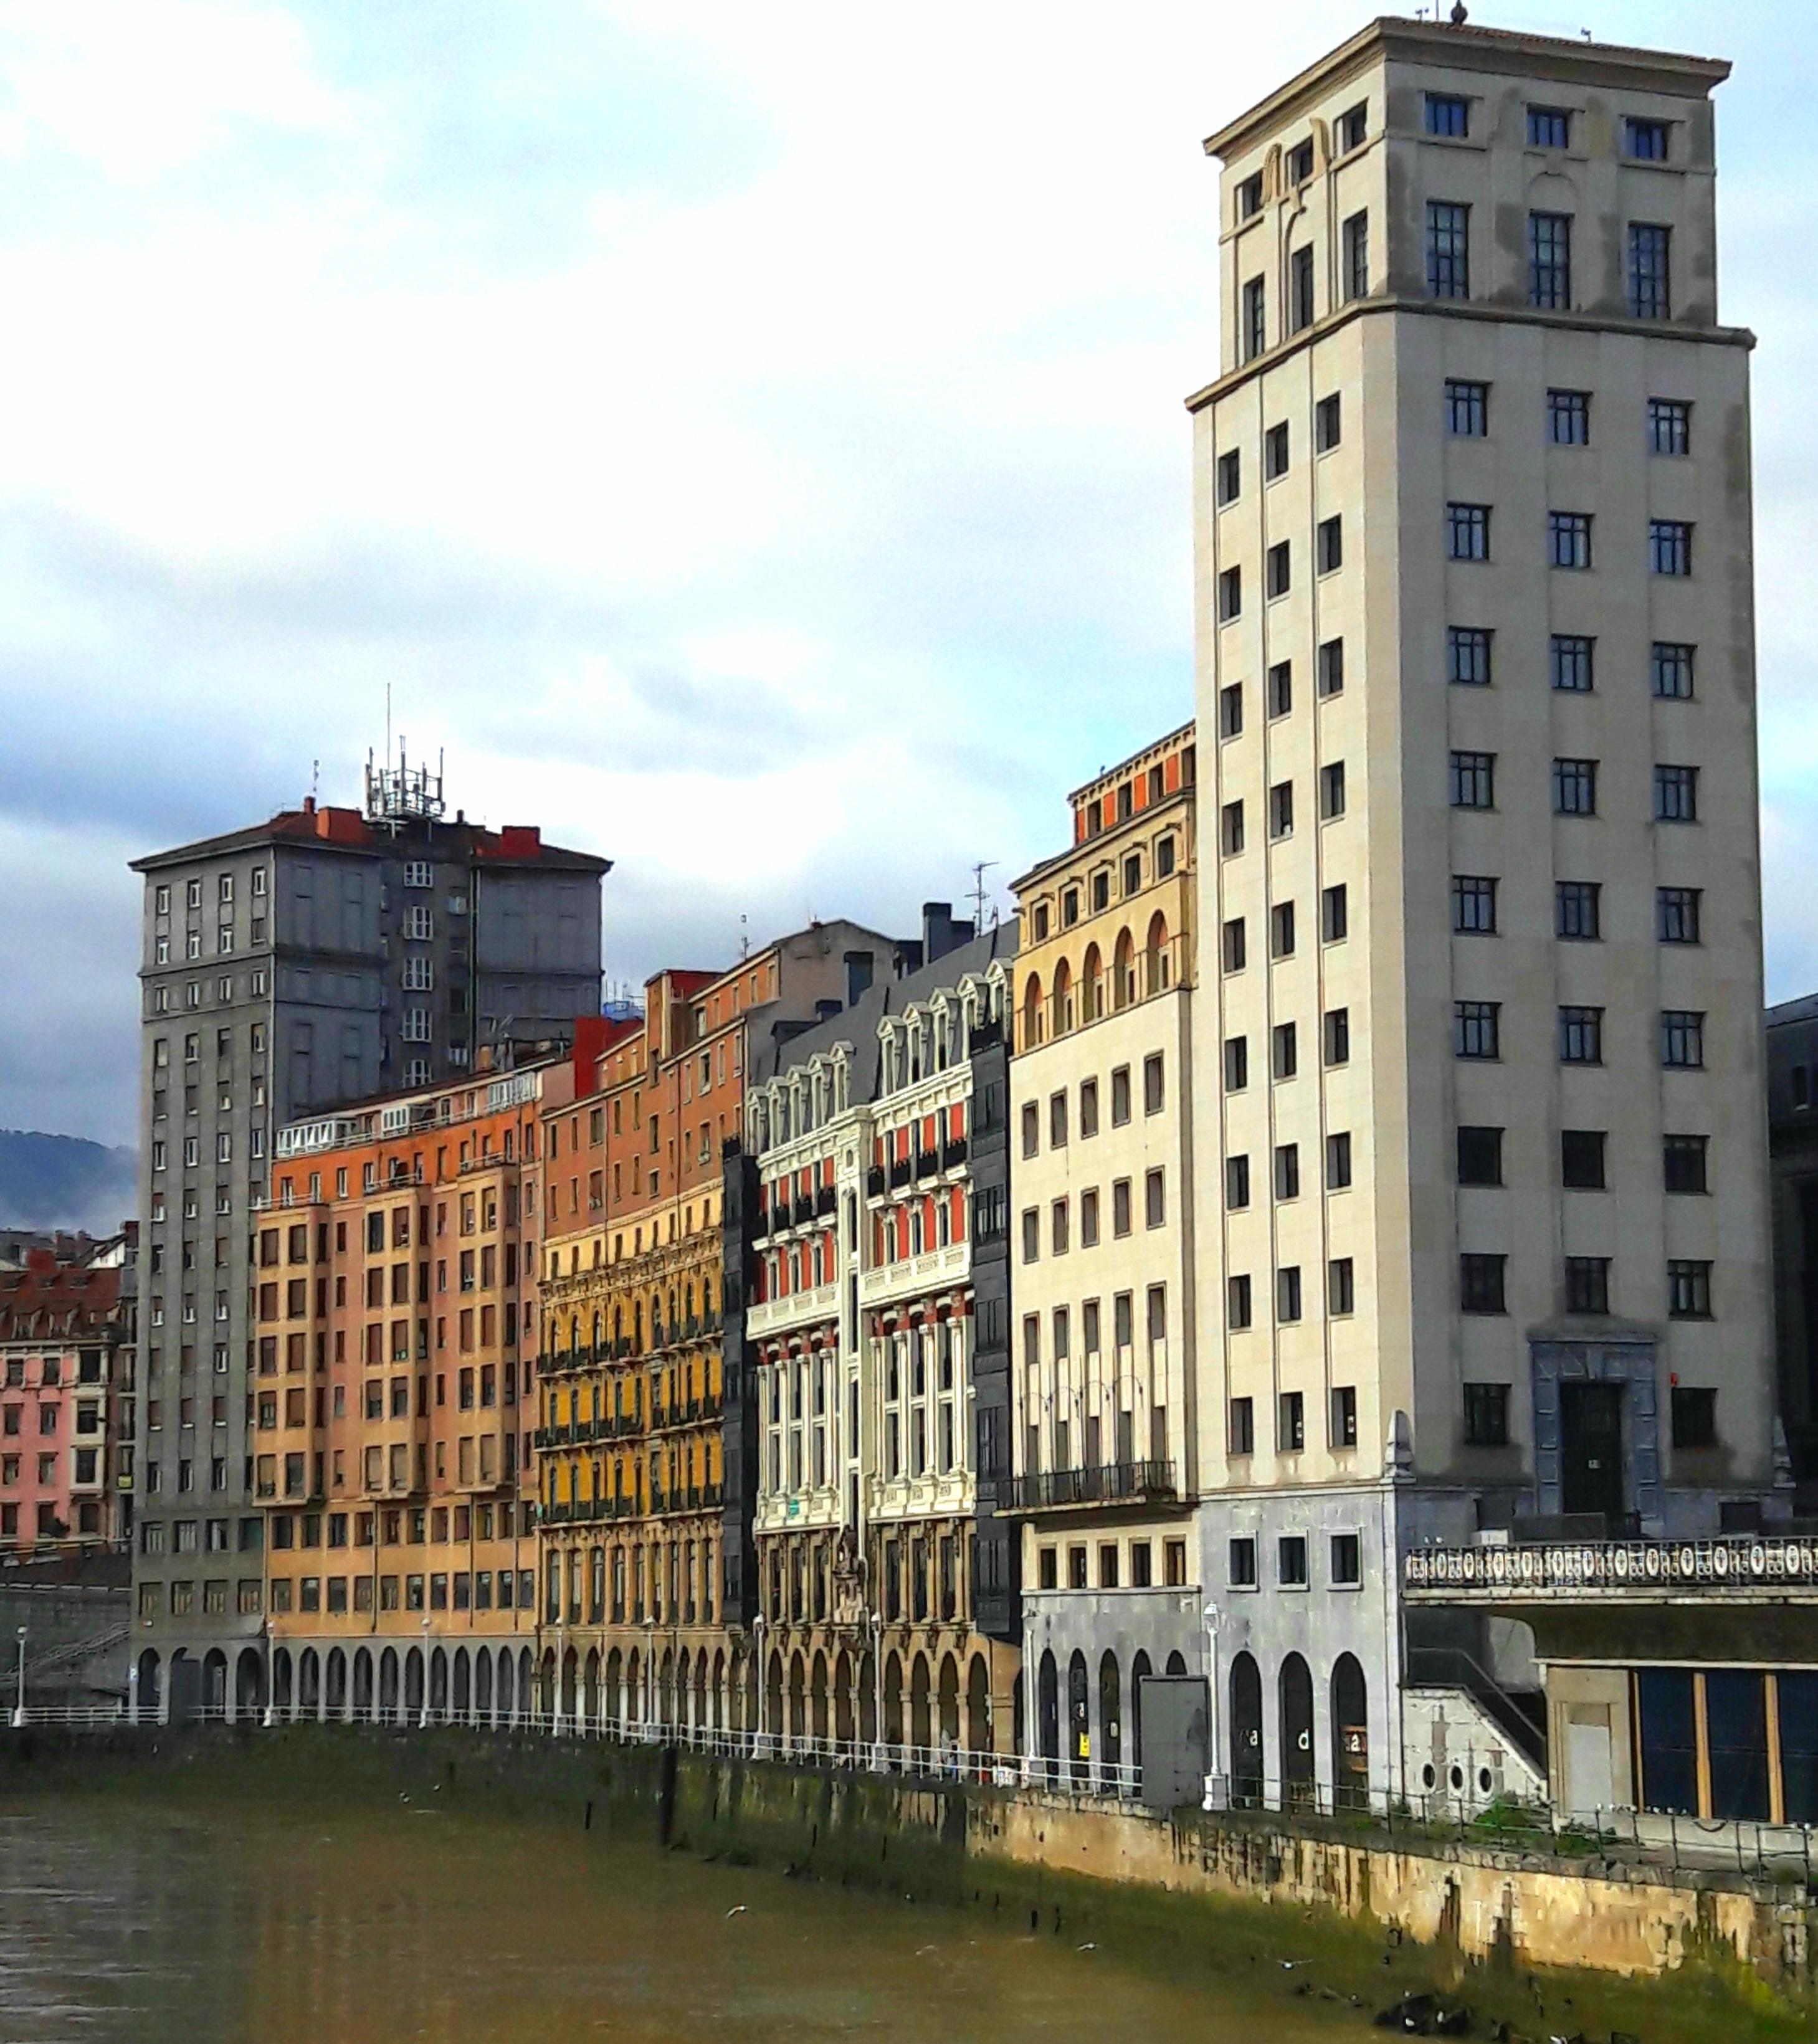 Bilbao's City Architecture